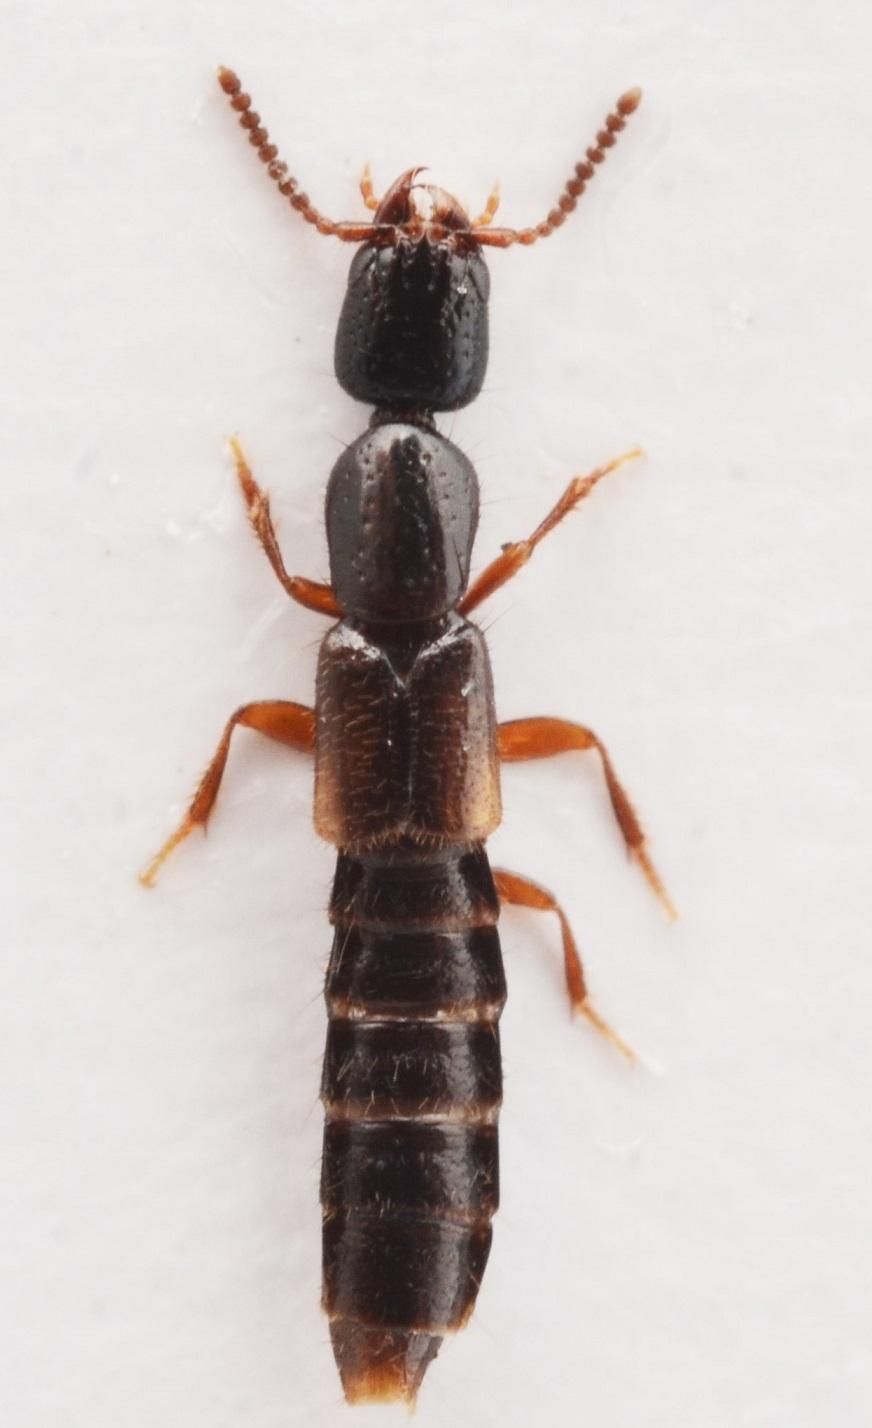 Leptacinus pusillus